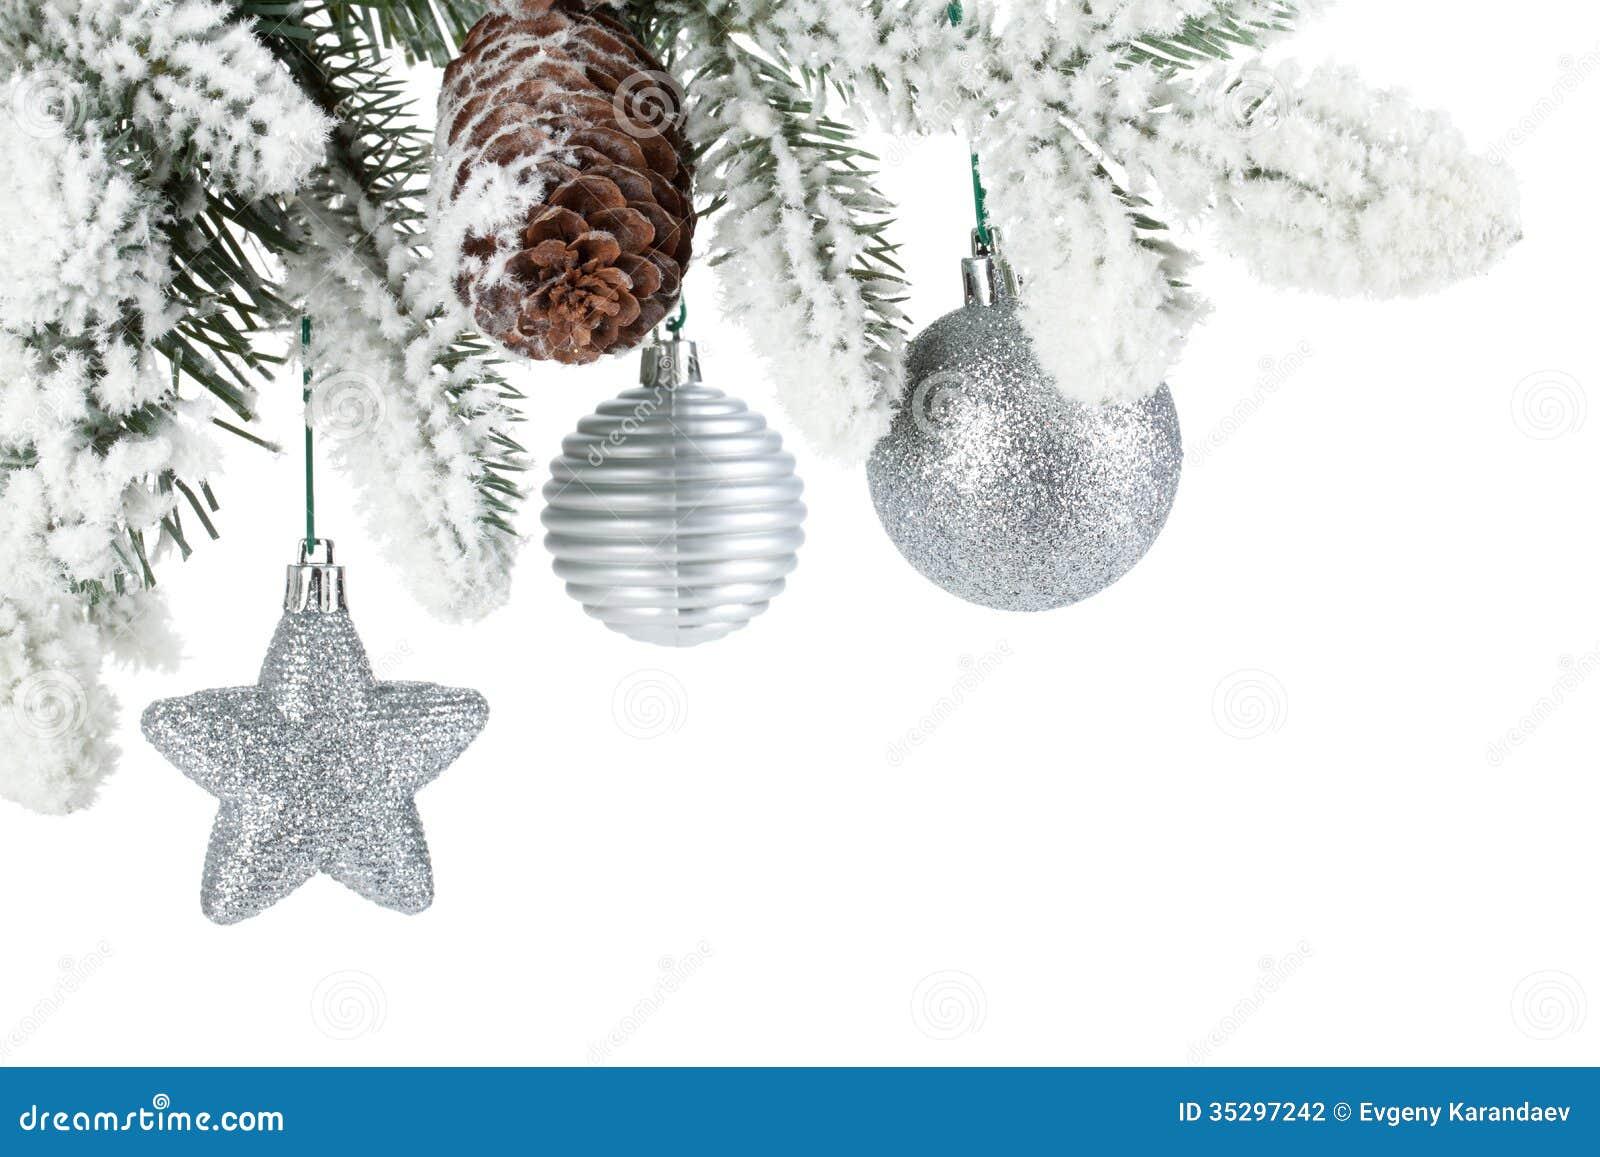 branche d 39 arbre de sapin avec le d cor de no l couvert de neige photo stock image 35297242. Black Bedroom Furniture Sets. Home Design Ideas